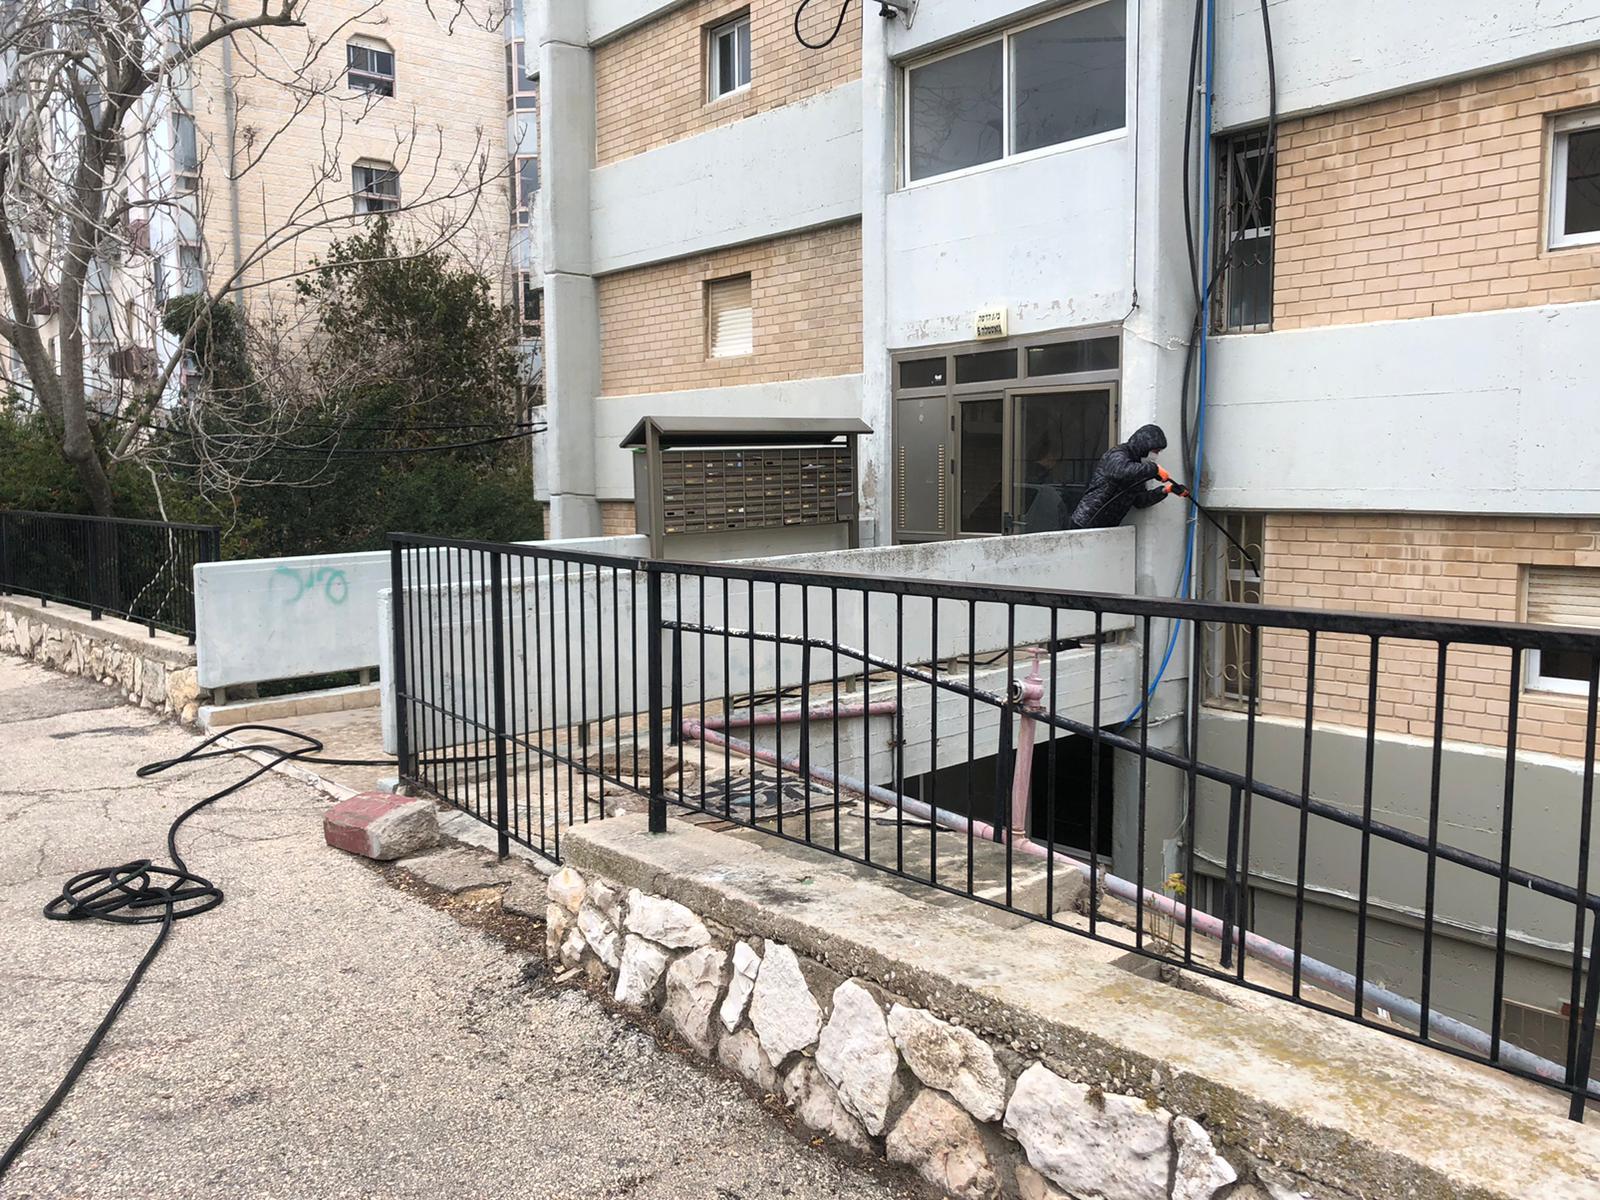 פתיחת סתימה ושטיפת קווים בלחץ מים בבניין מגורים משותף בקריית יובל בירושלים.